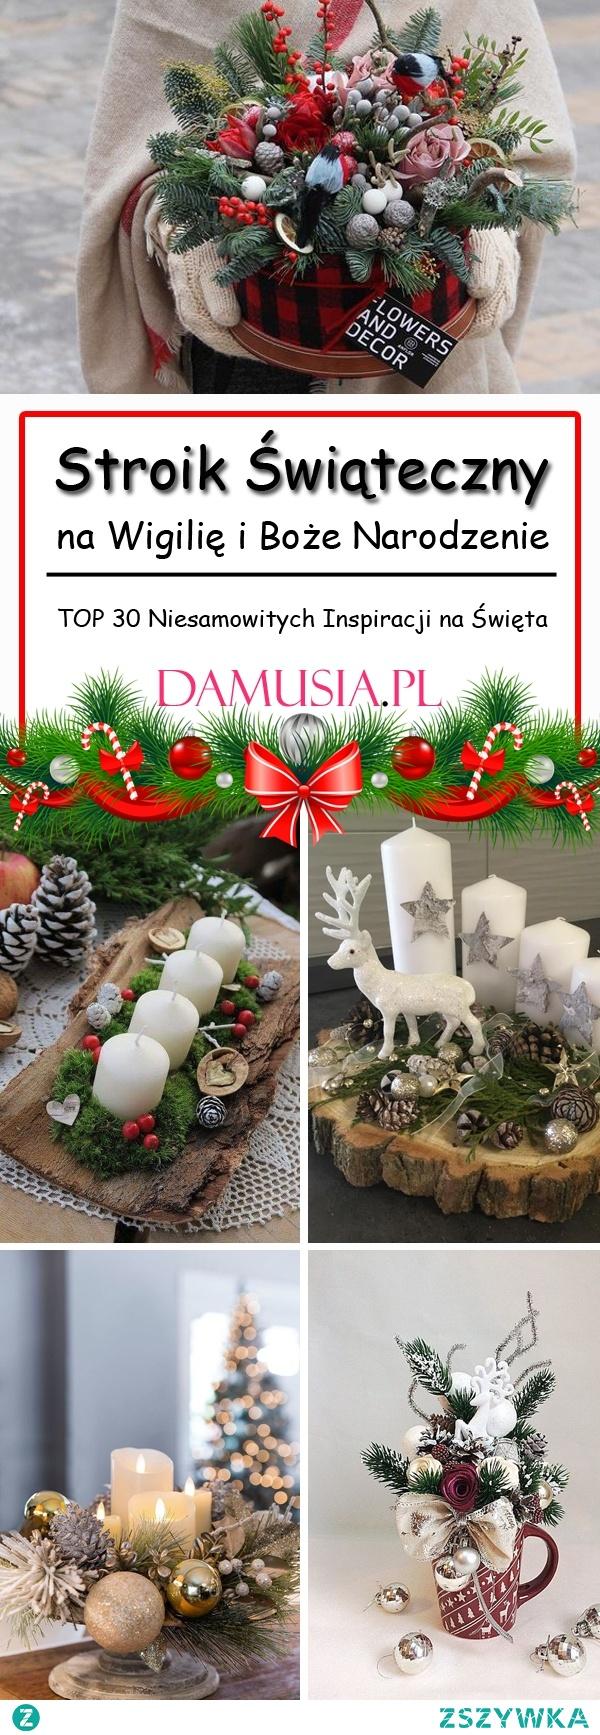 Stroik Świąteczny na Wigilię i Boże Narodzenie: TOP 30 Niesamowitych Inspiracji na Święta